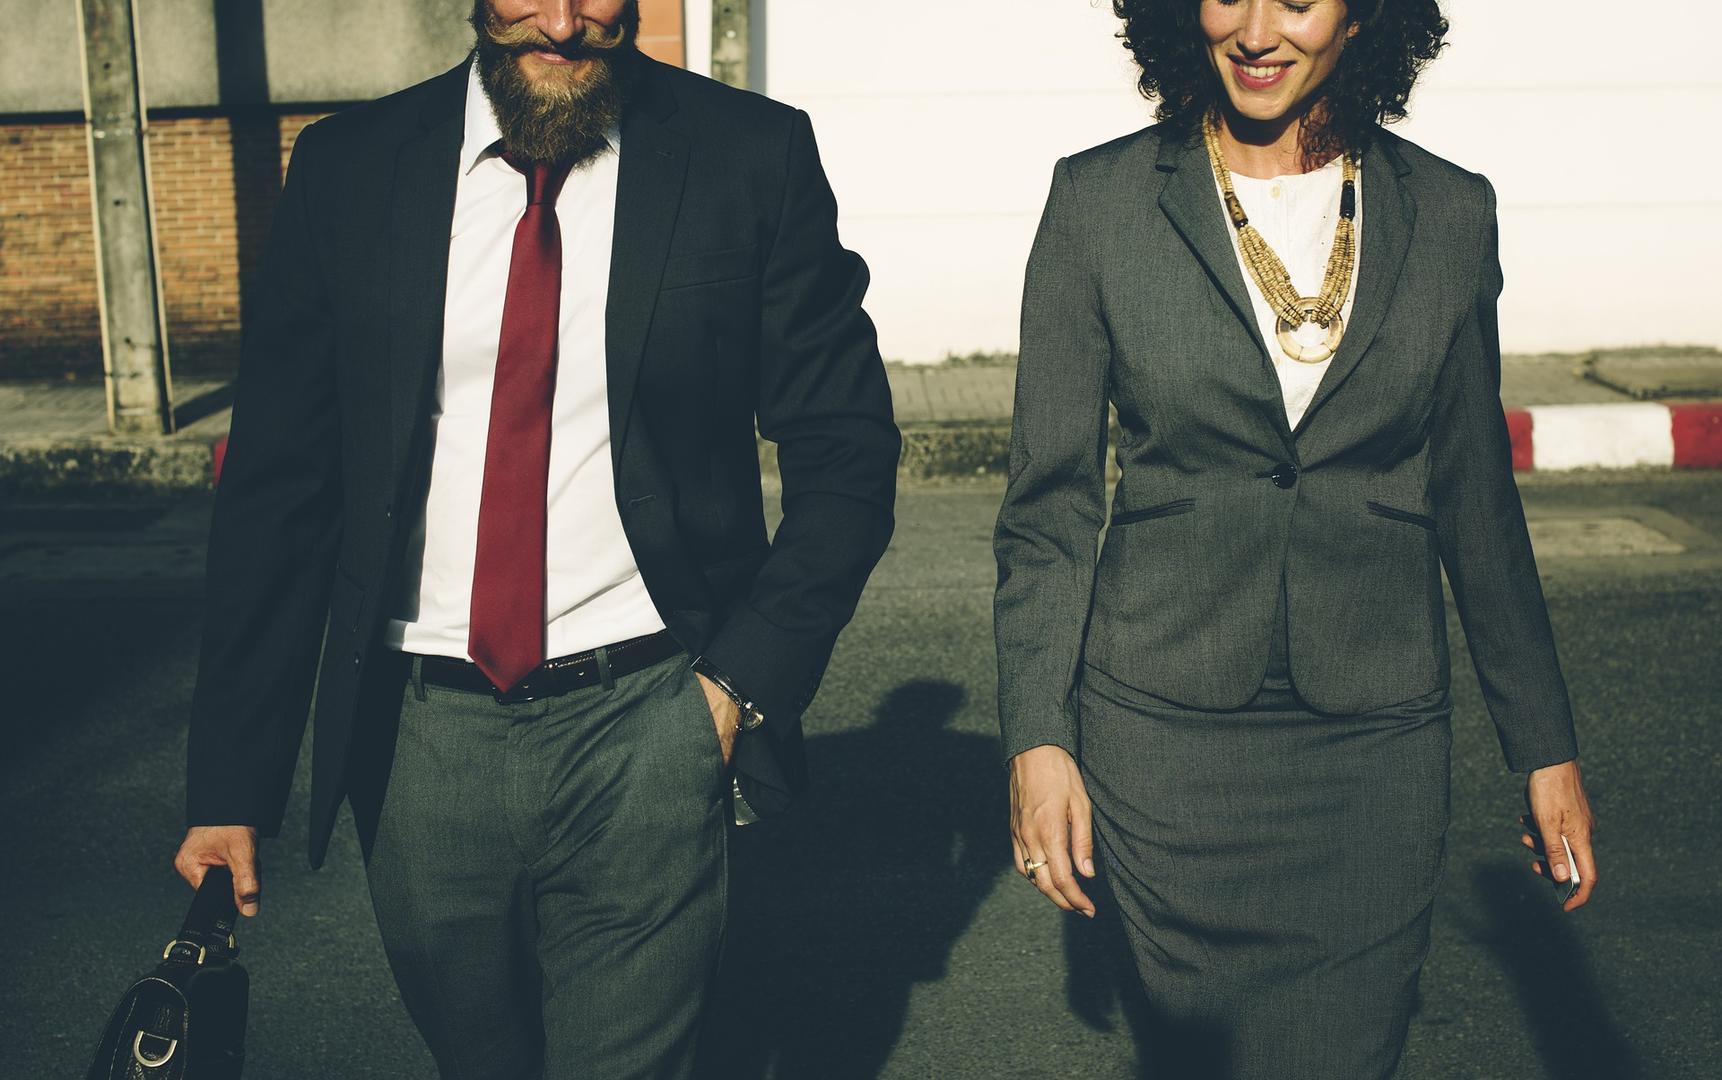 Los hombres son vistos como más brillantes, según los estereotipos implícitos